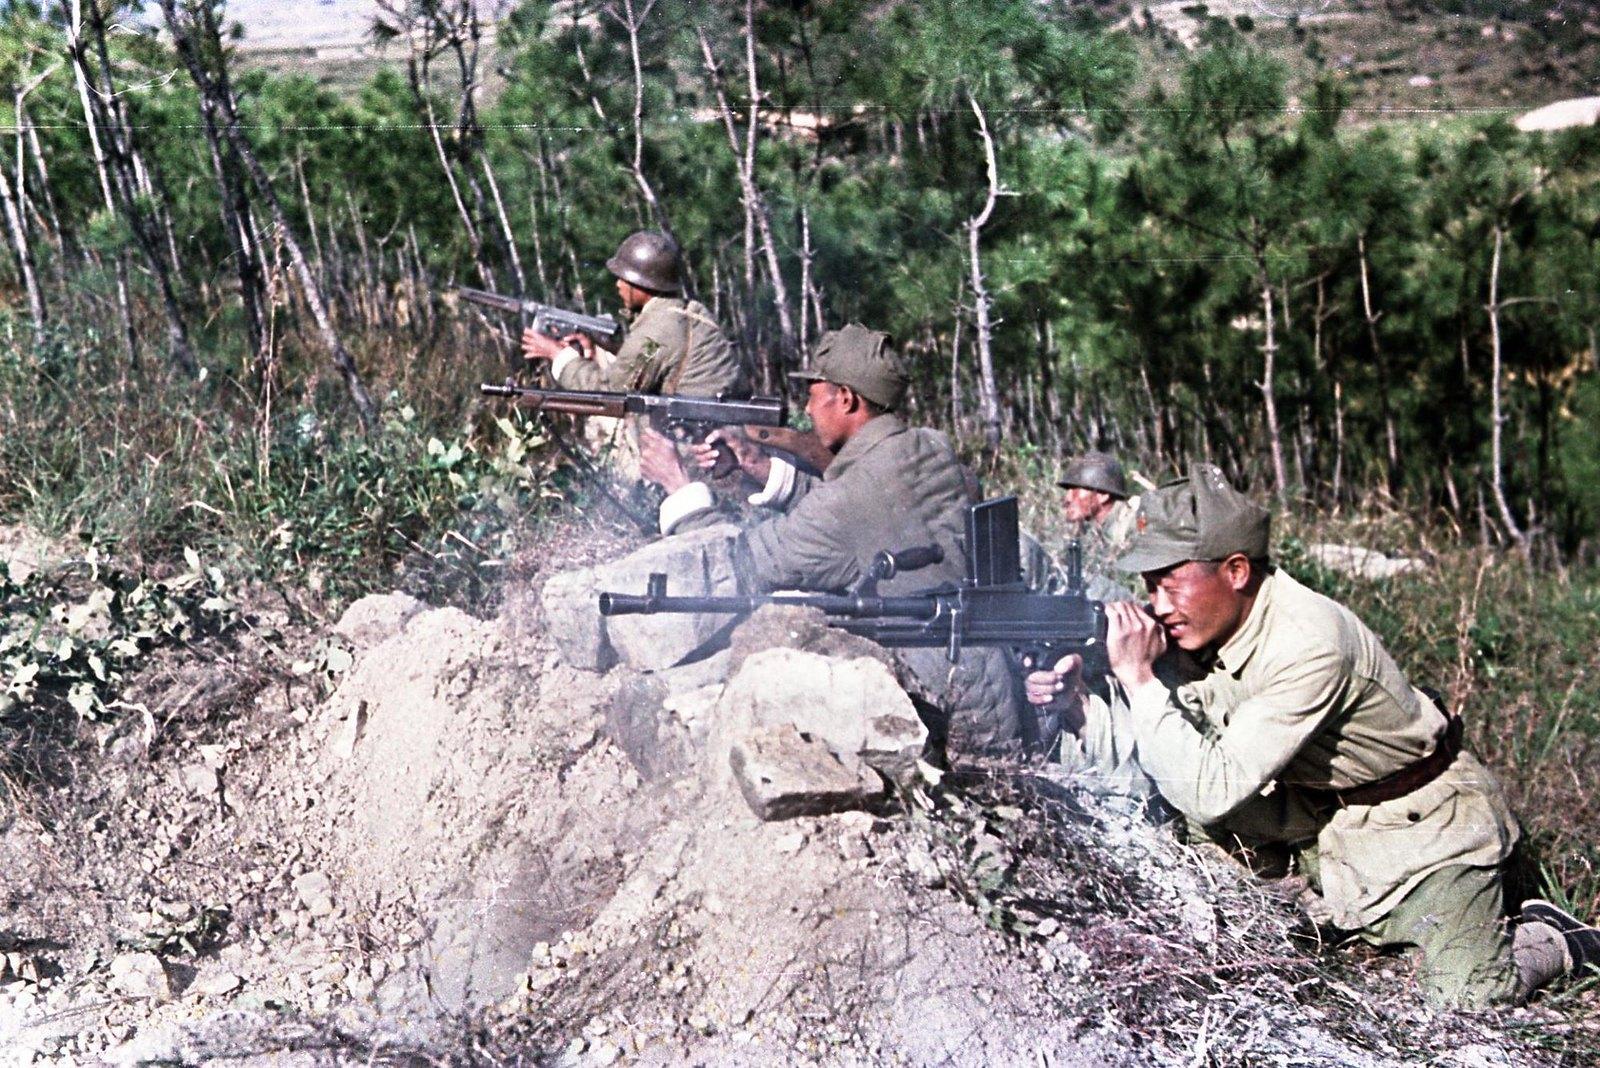 1949. Юго-Восточный фронт. Бойцы Народно-освободительной армии Китая в боевом охранении